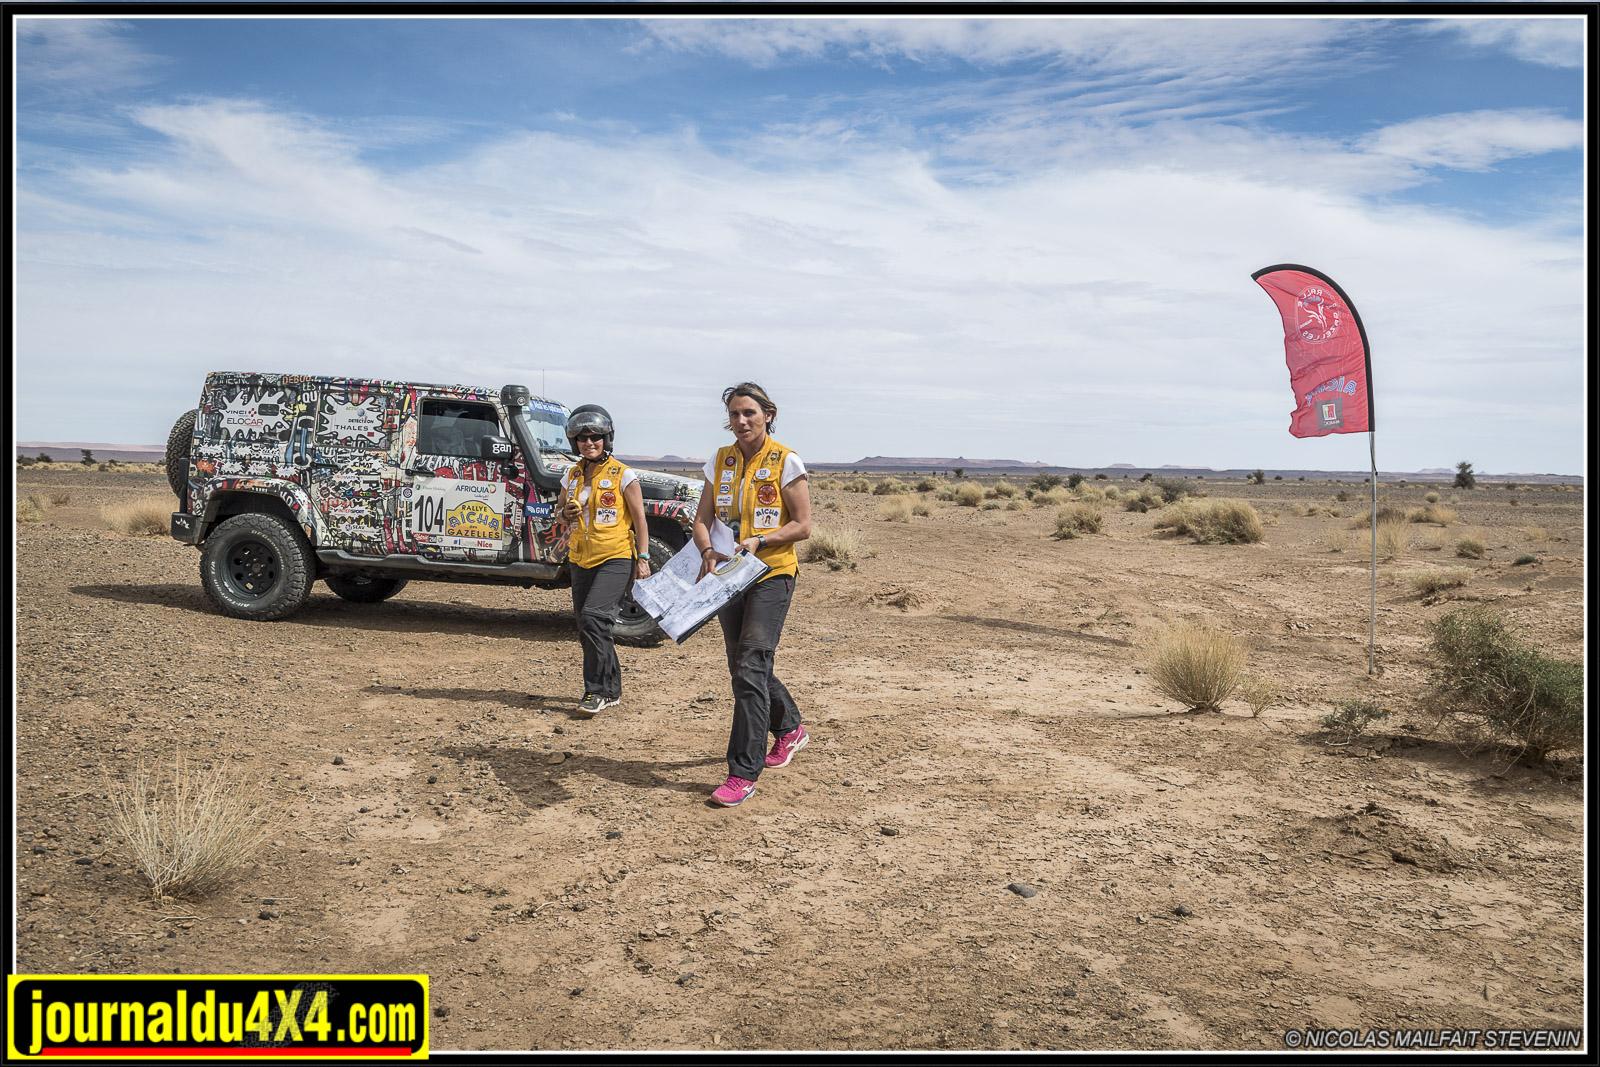 rallye-aicha-gazelles-maroc-2017-6786.jpg